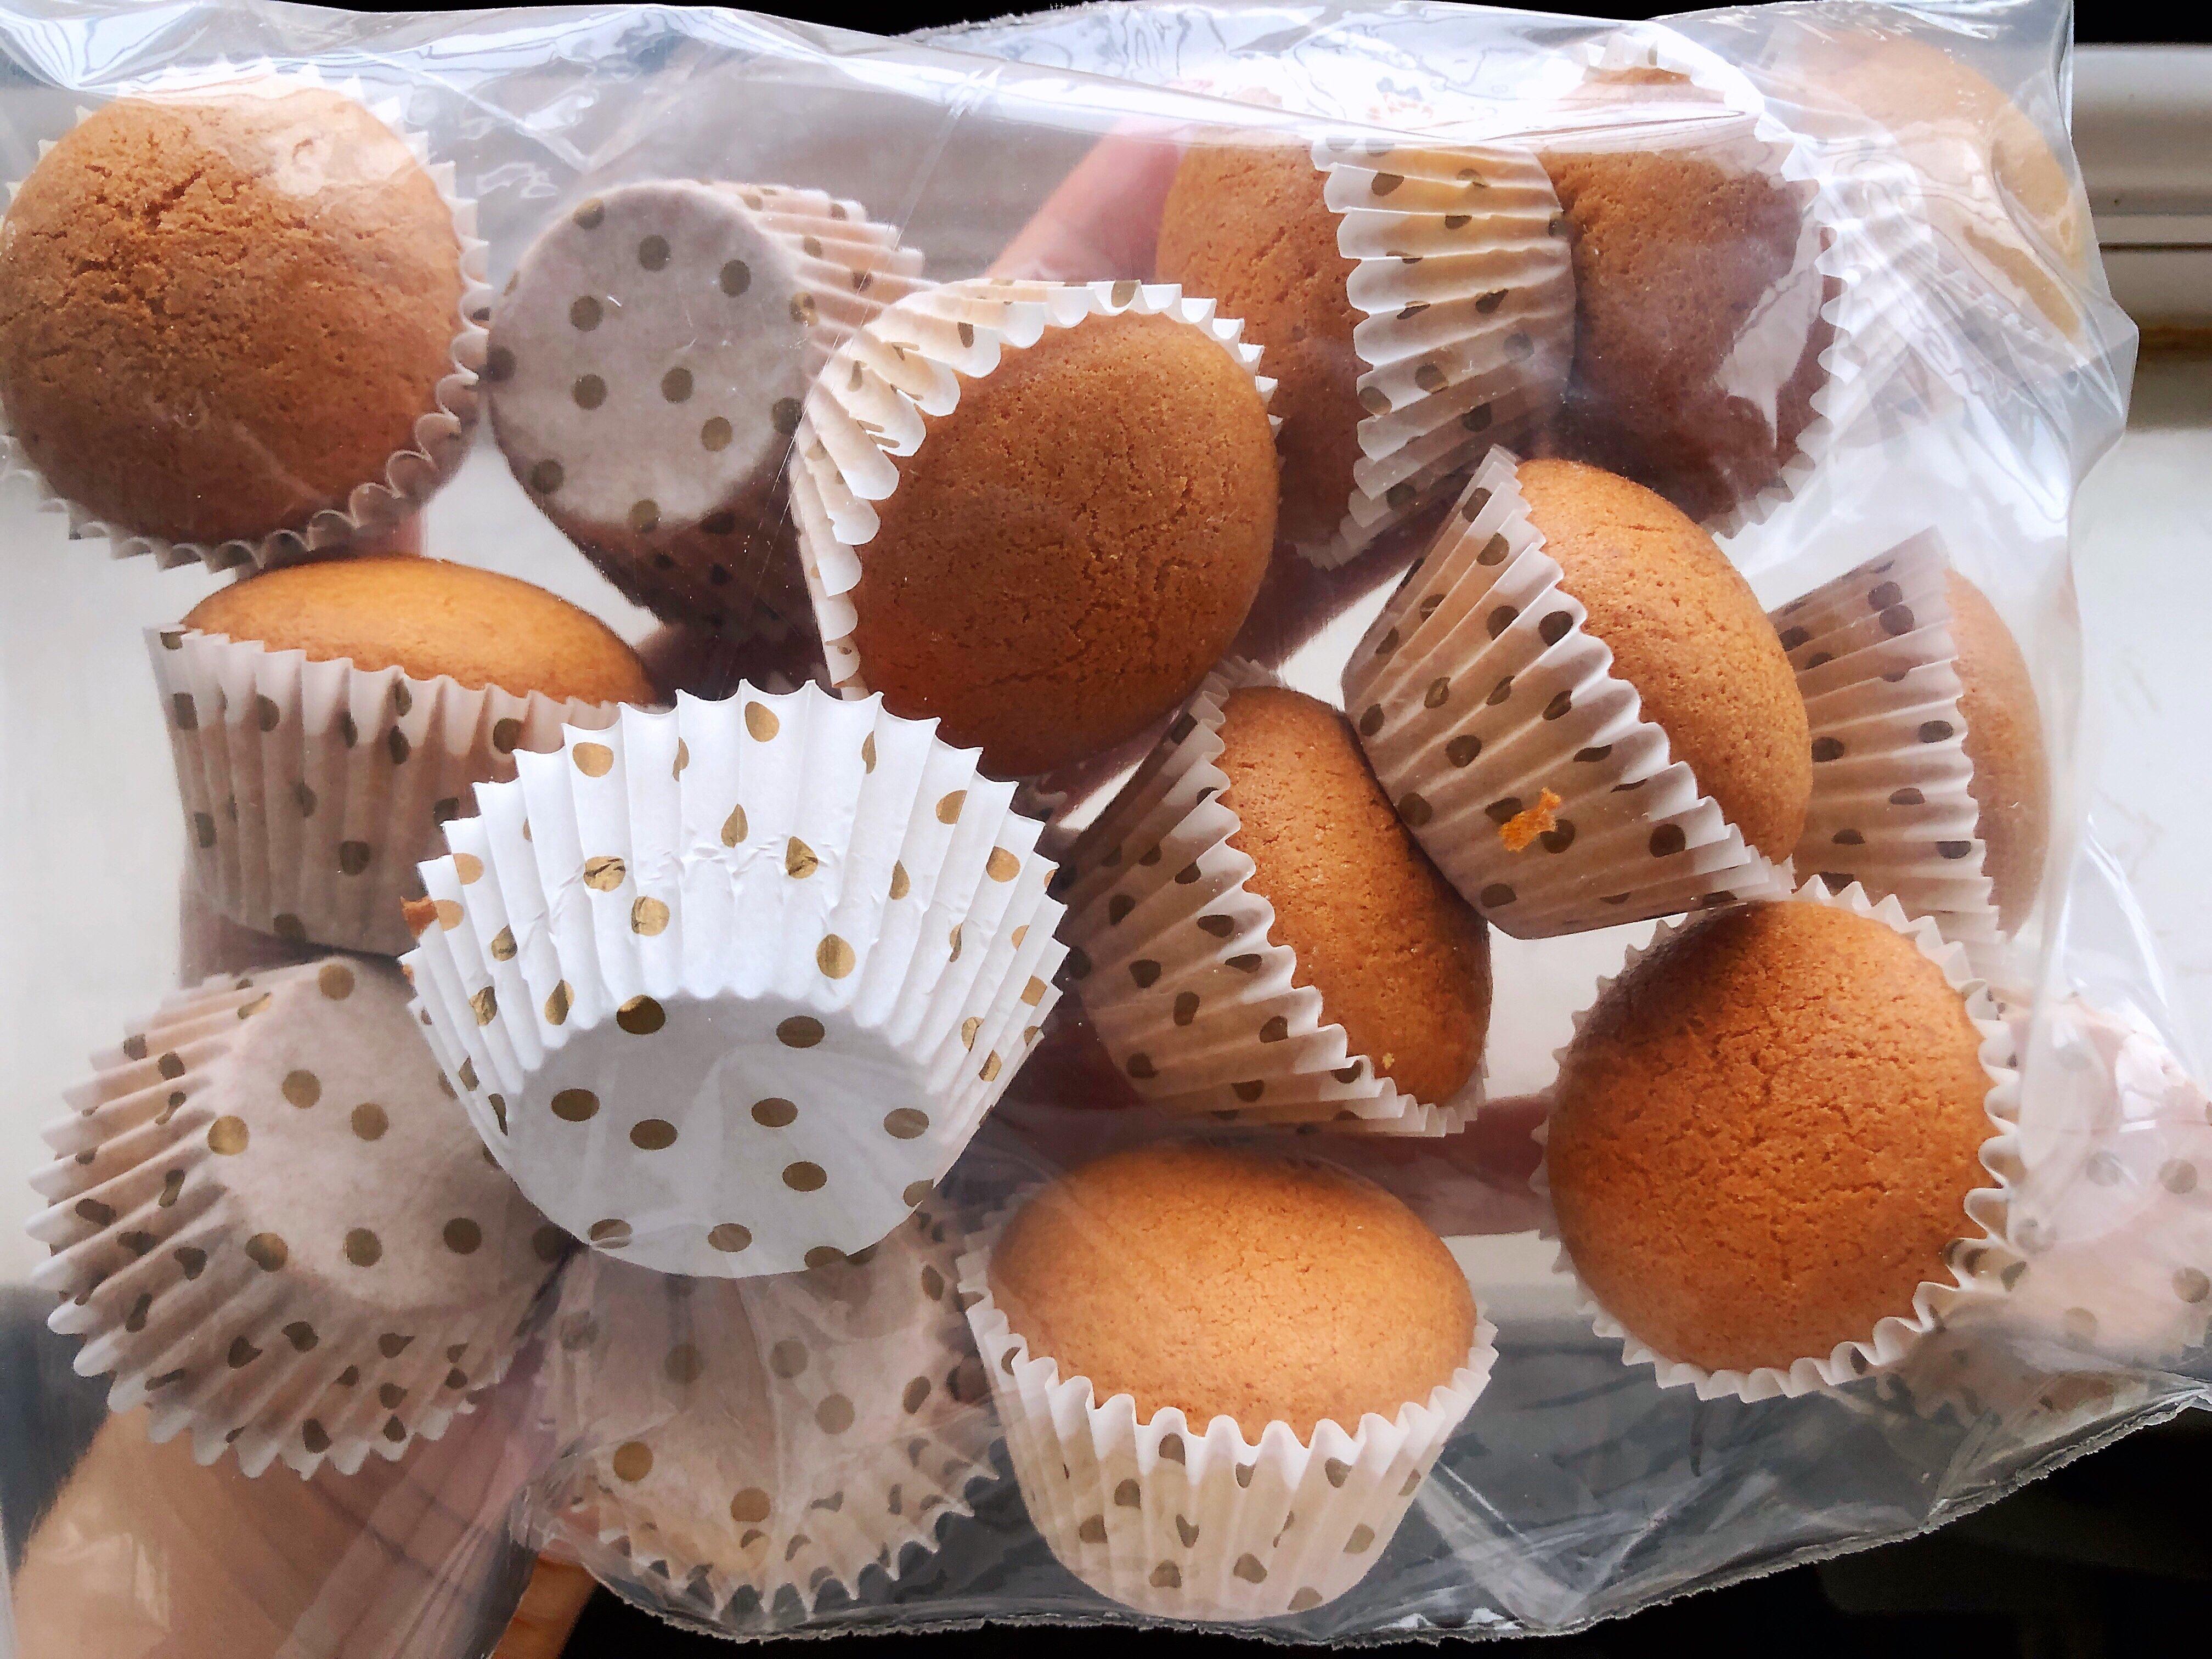 老式无水小蛋糕不塌的秘诀,此配方蓬松暄软甜度适中,成功率高的做法